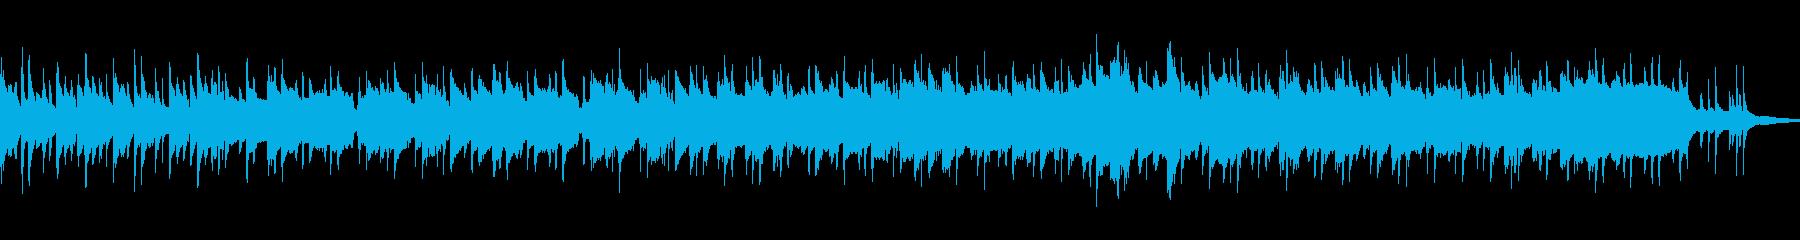 ウクレレとクラリネットのゆっくりな癒し曲の再生済みの波形